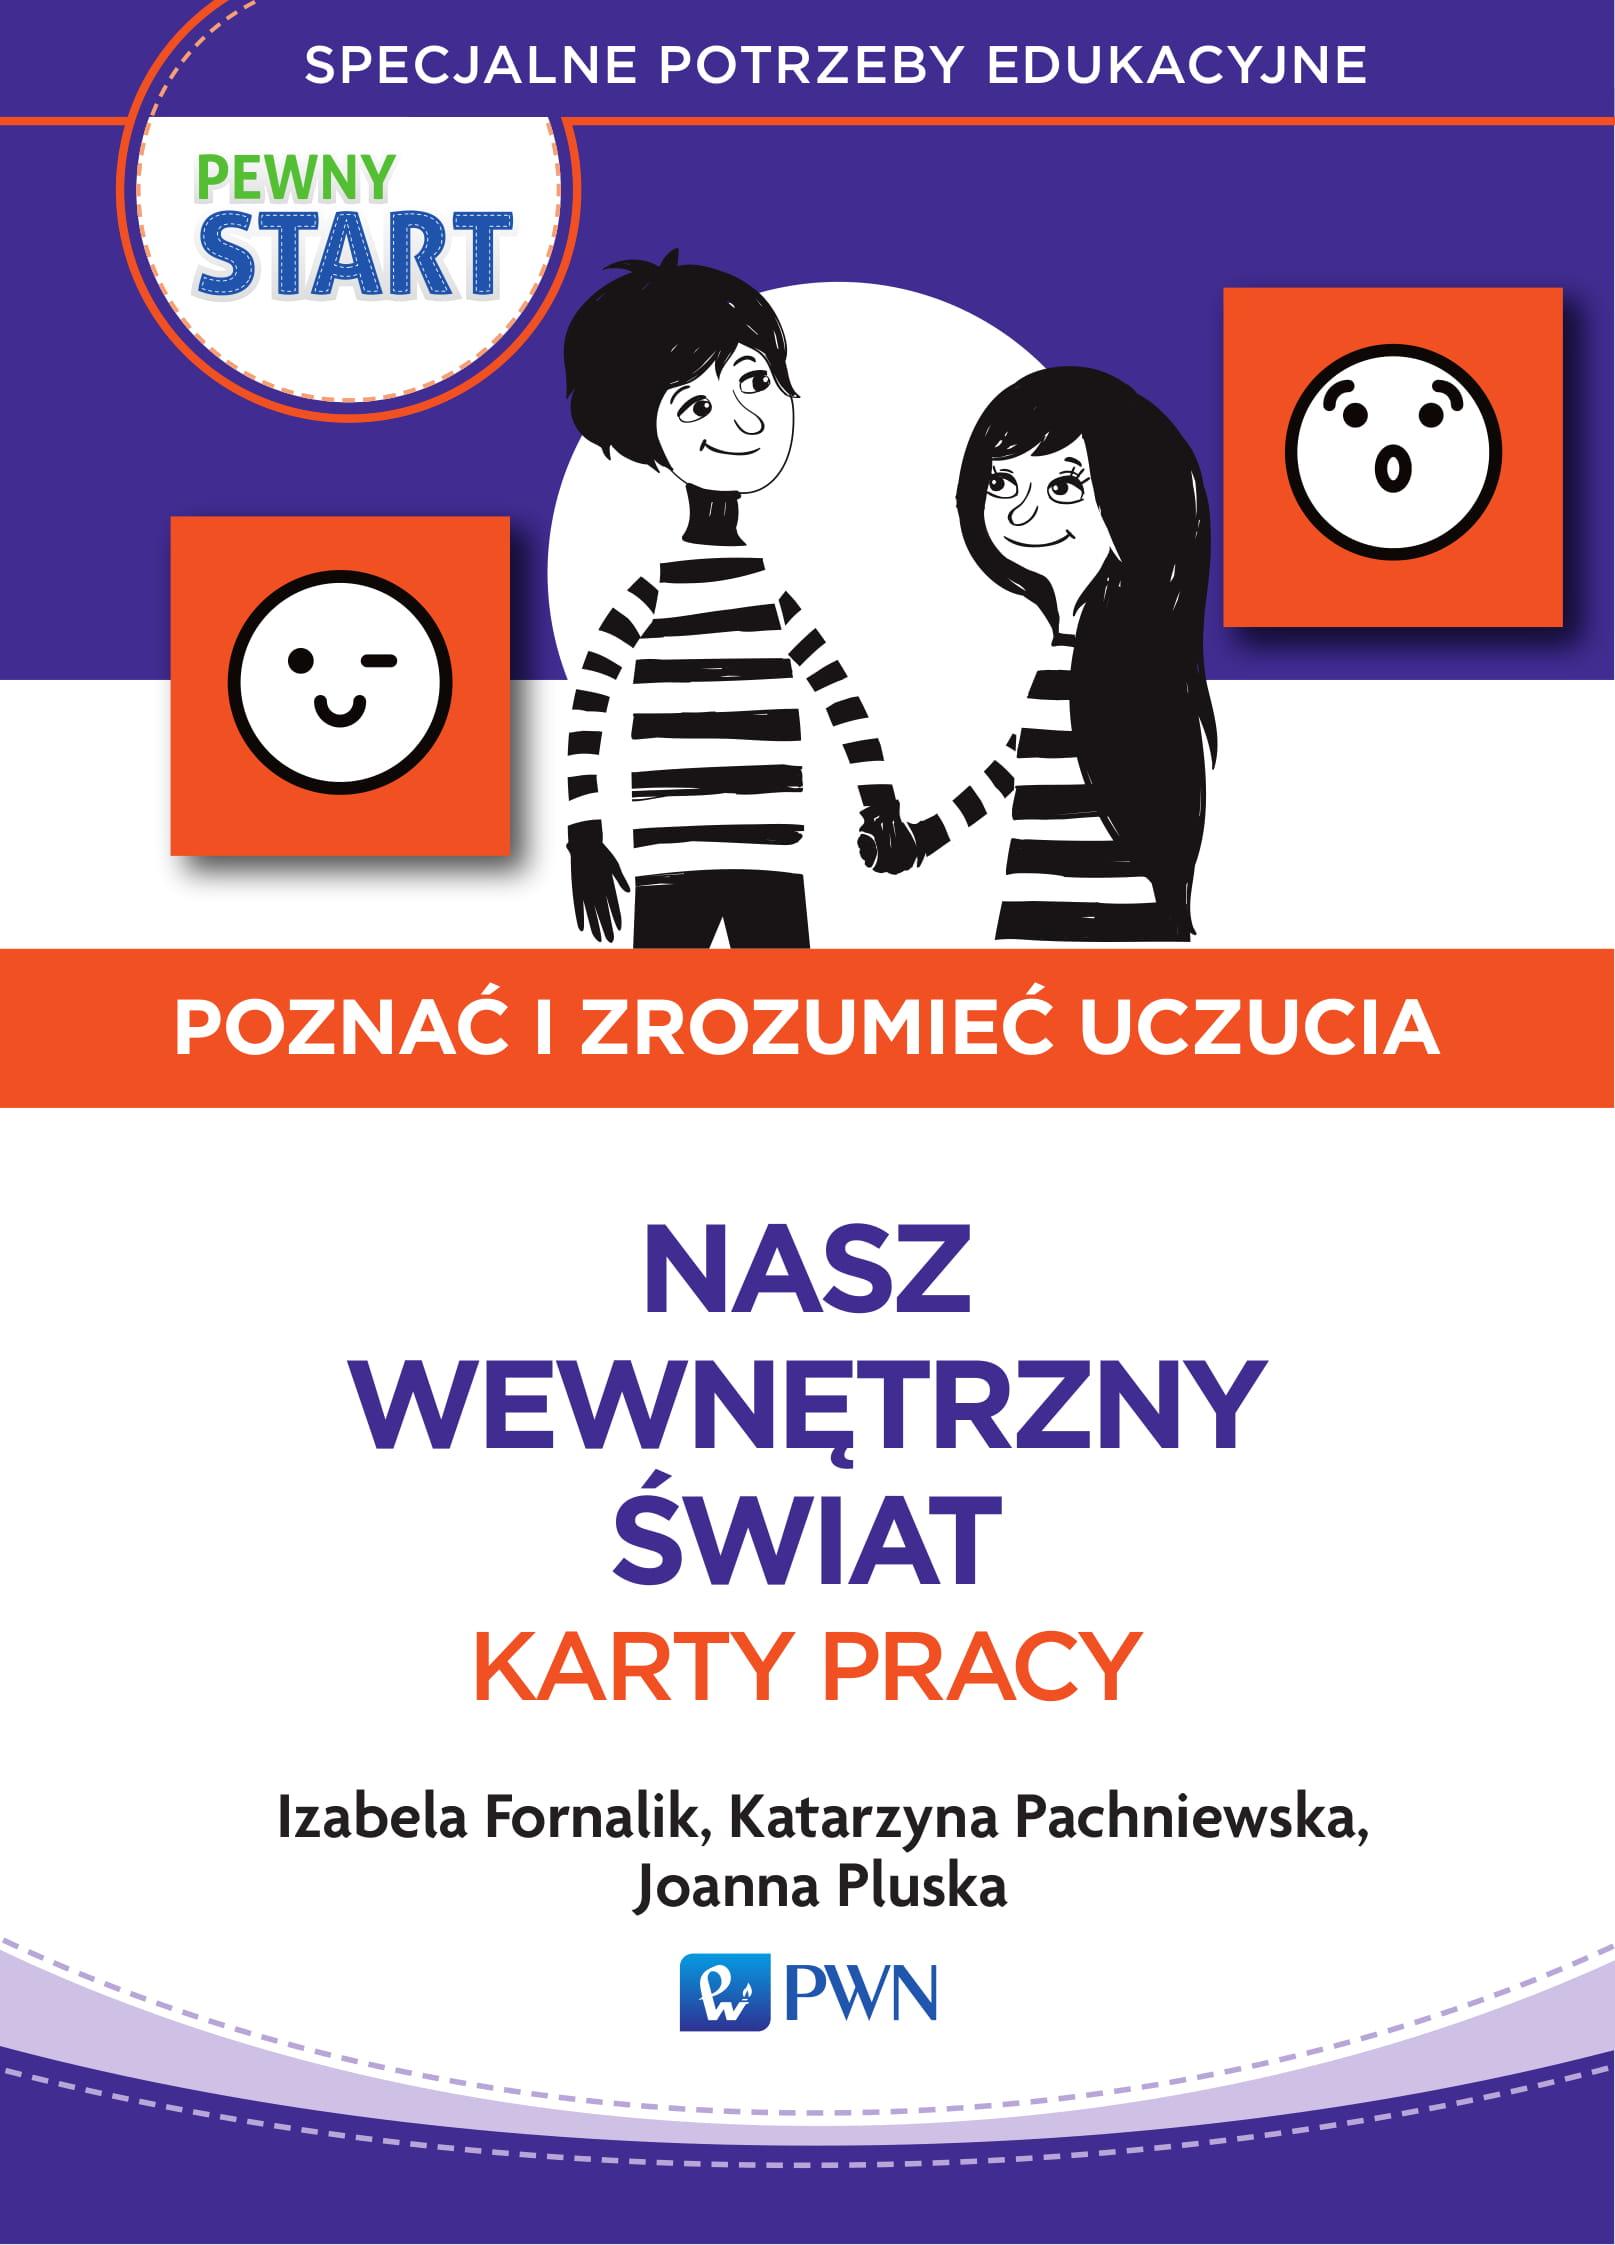 Poznac_i_zrozumiec_uczucia_Nasz-wewnetrzny-swiat-Karty-pracy_s_51_i_52-1.jpg